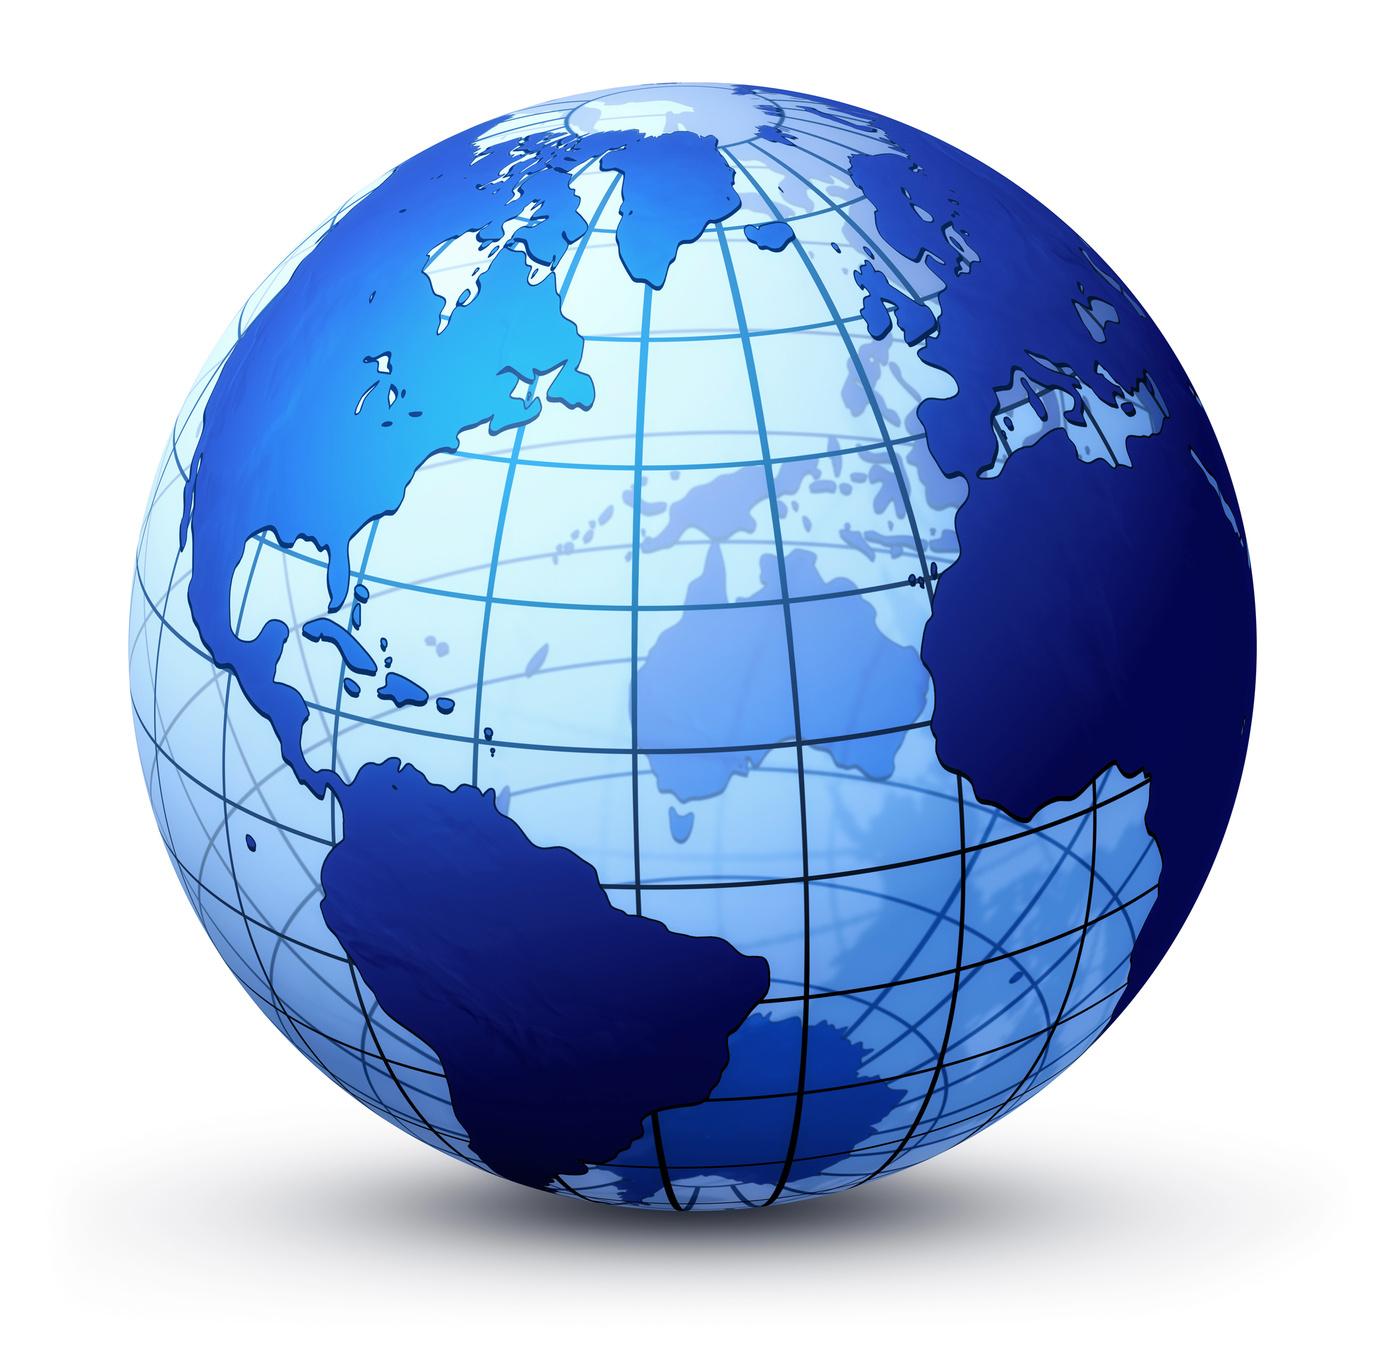 globe picture transparent - Google-søgning | General ...